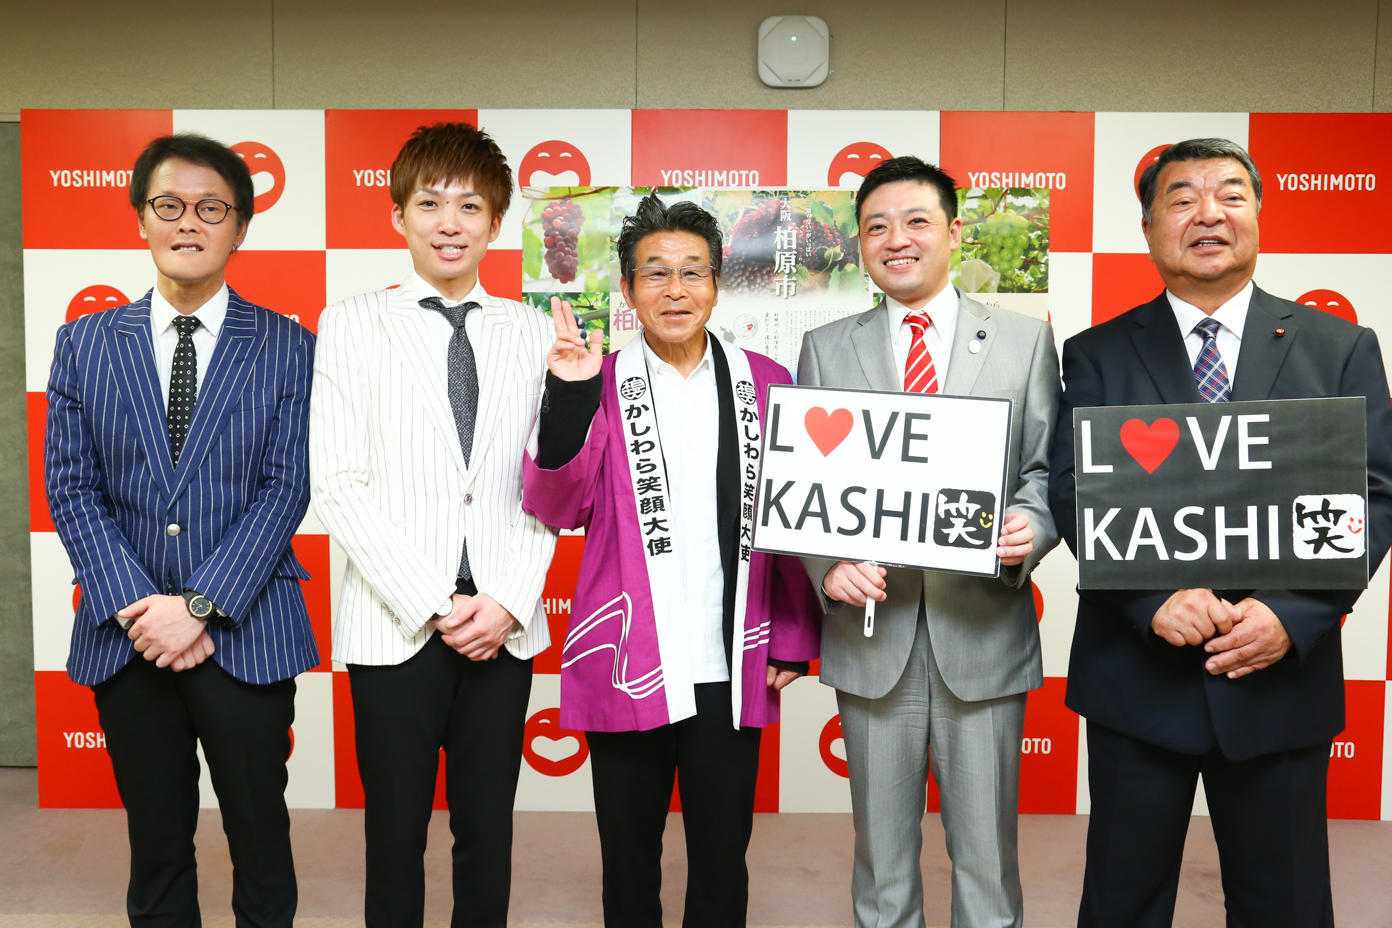 http://news.yoshimoto.co.jp/20171130212751-dd9eb1894a24fc07334ac3b432006fdfa17f35e1.jpg